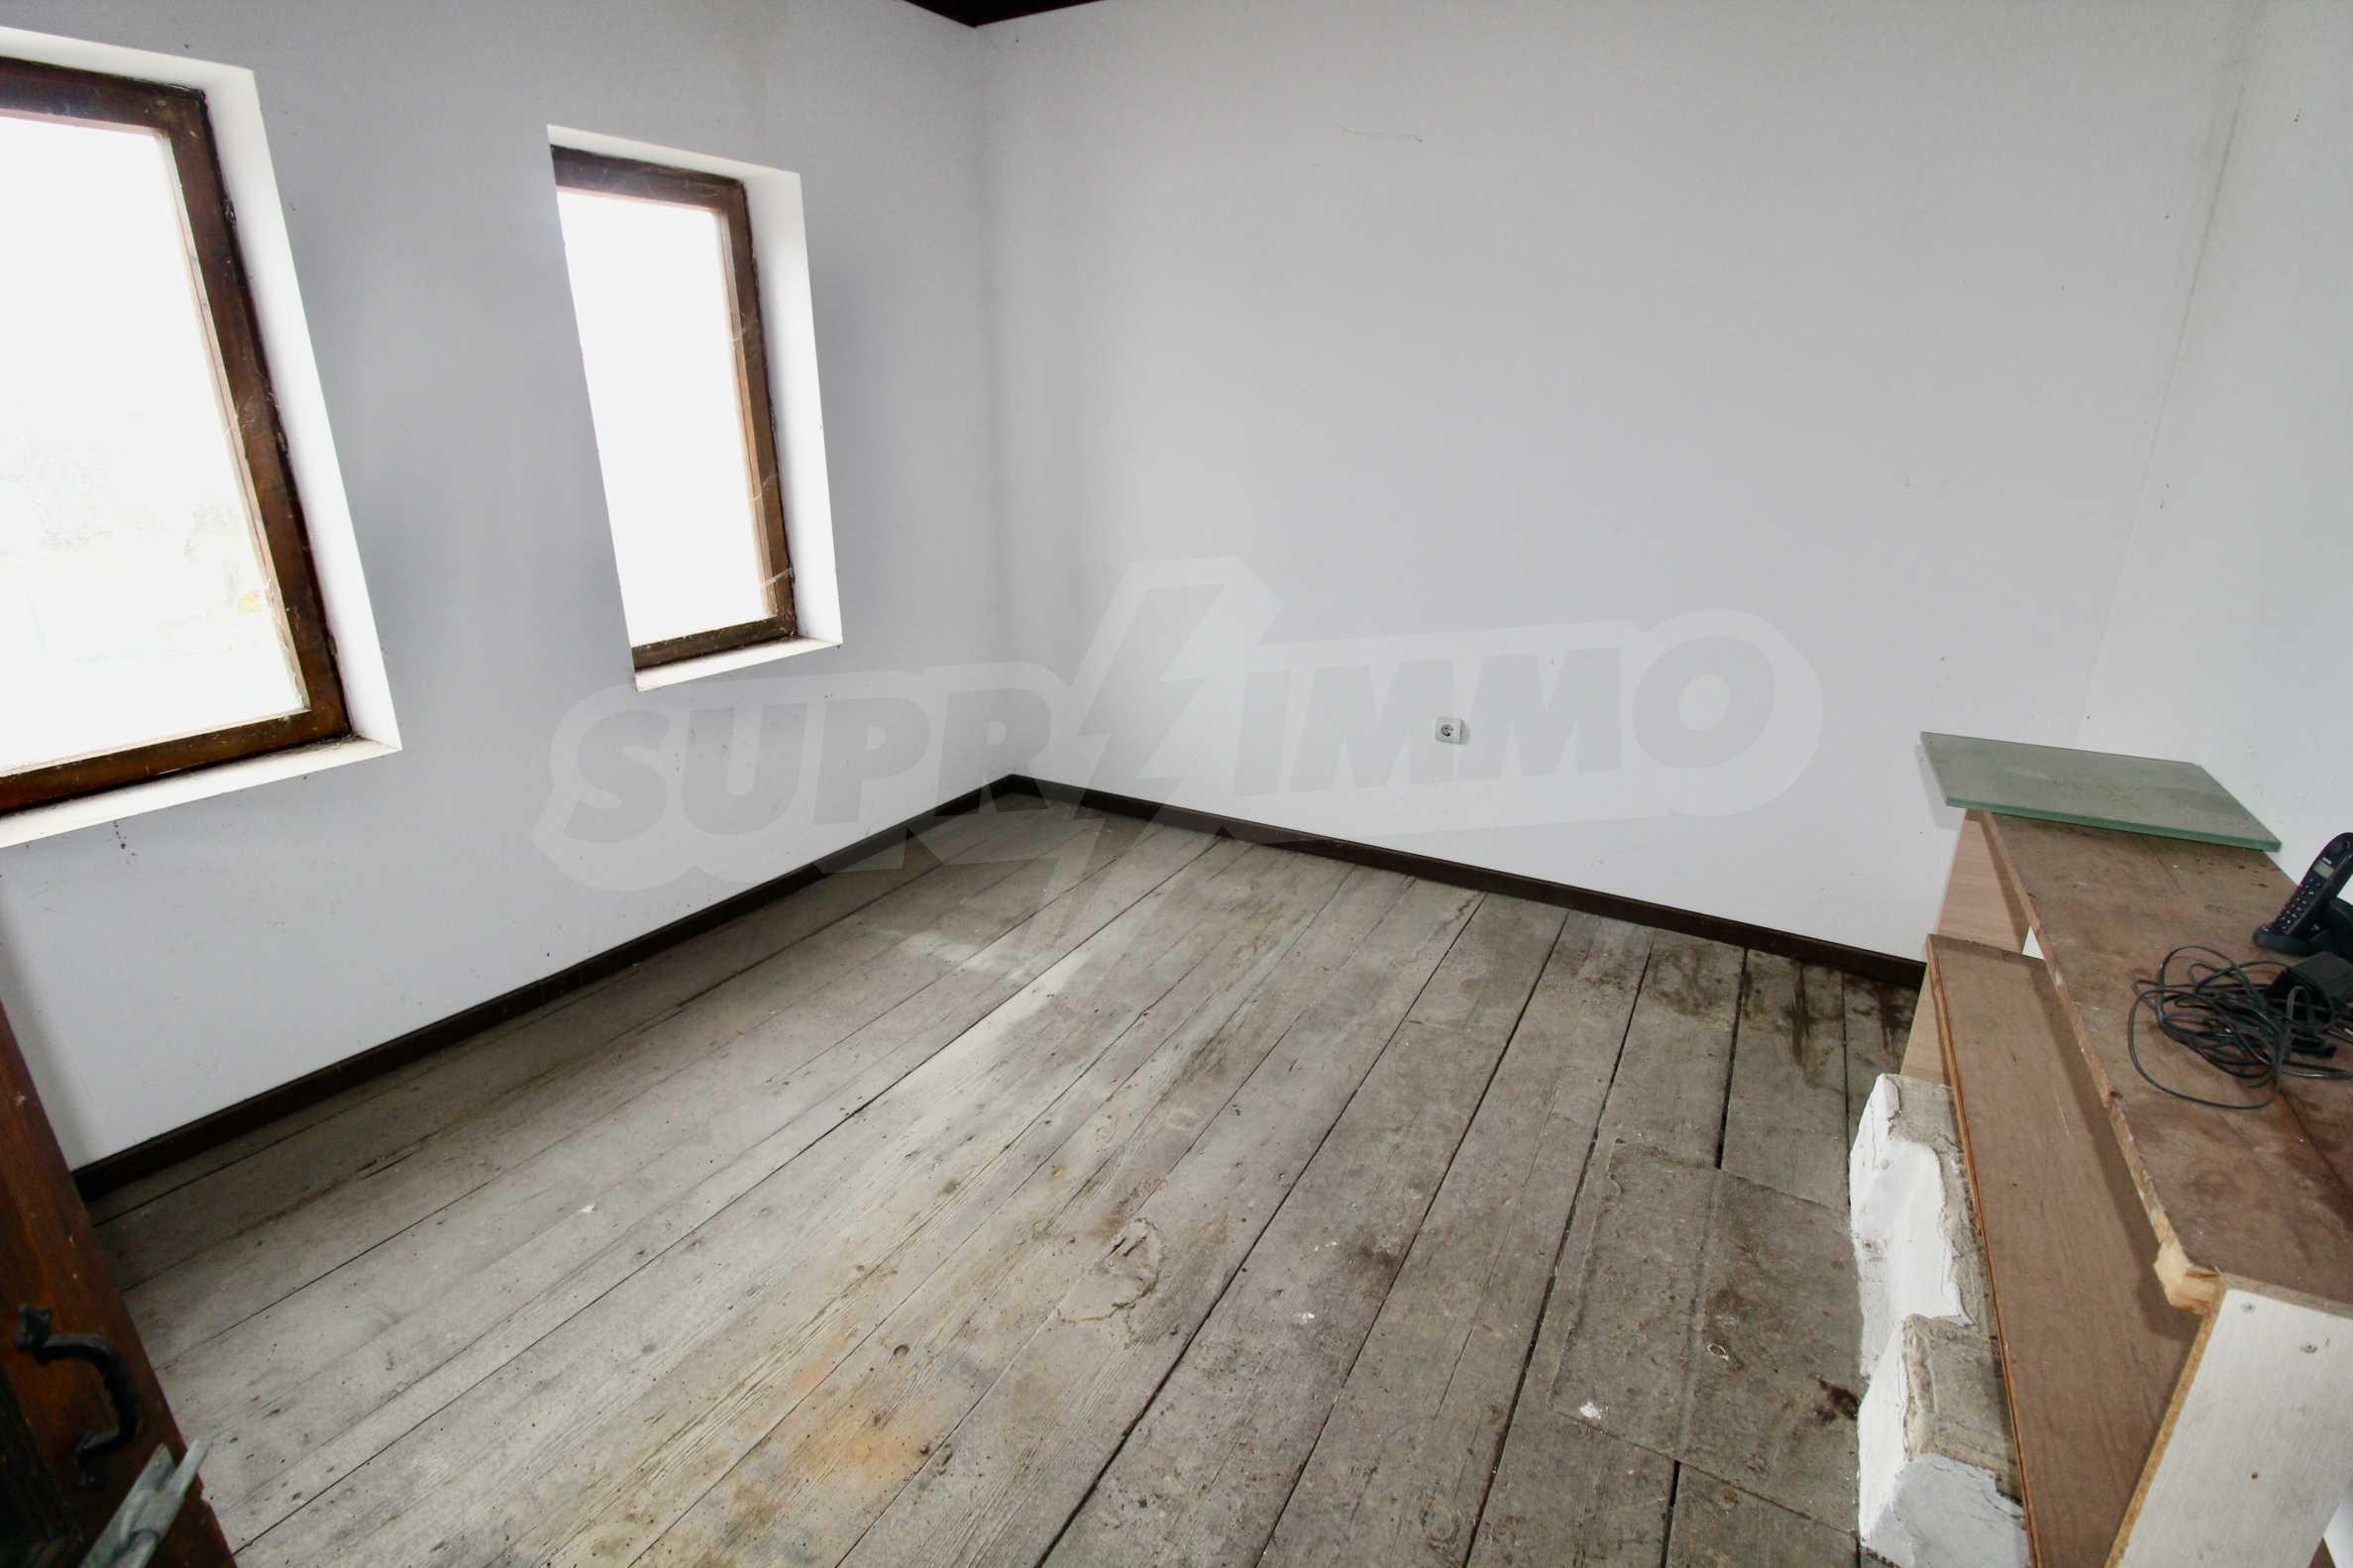 Двуетажна къща с голпм двор в село на 30 км от Велико Търново  8